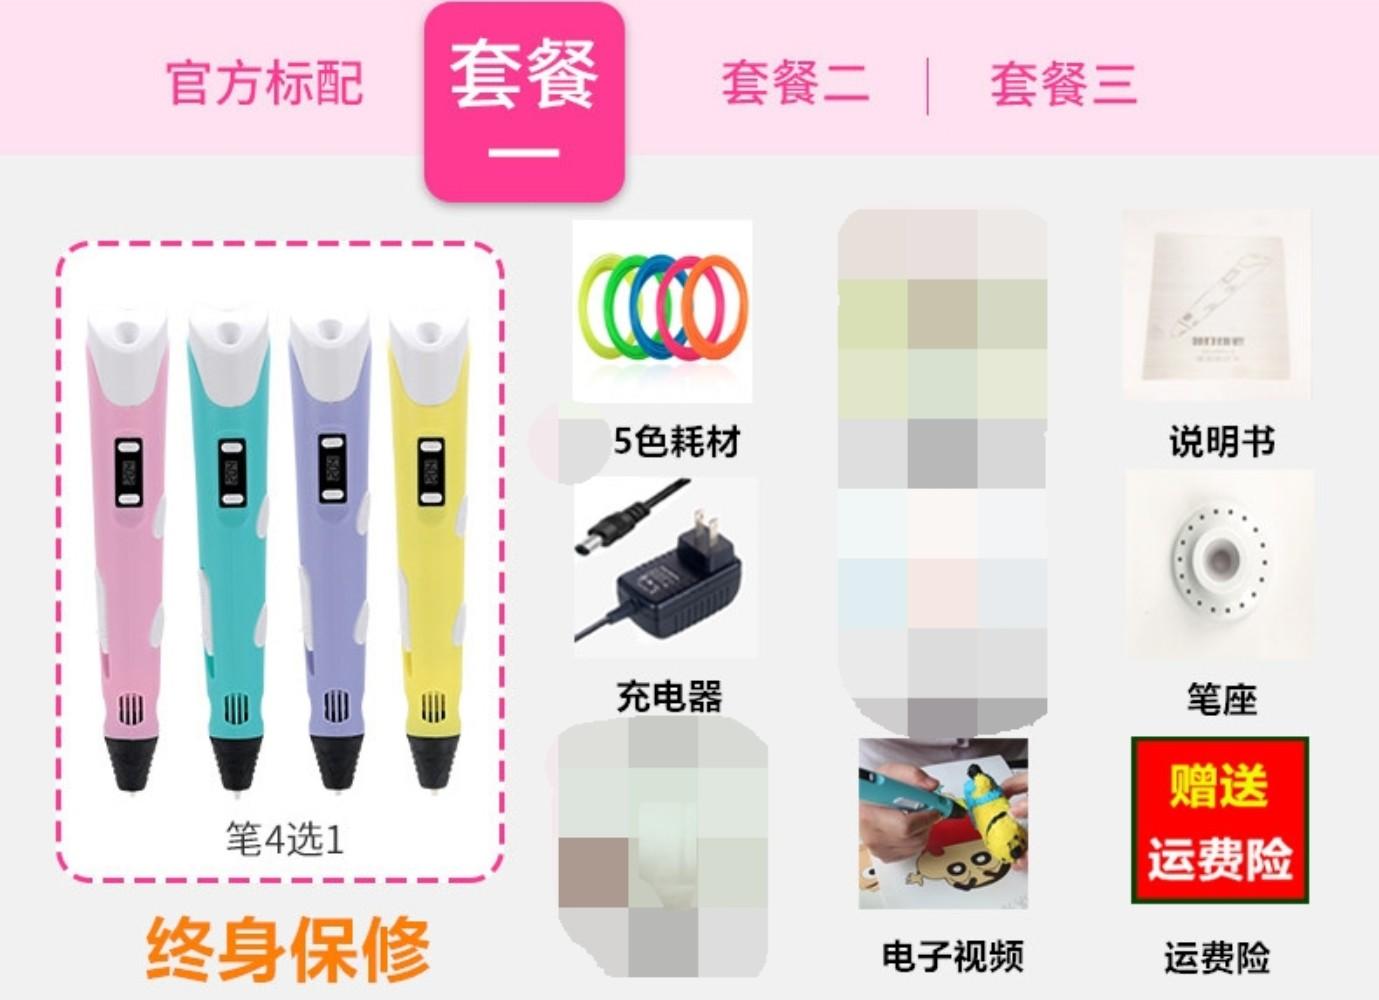 3D 펜 쓰리디 사나고 입체 매직 펜 DIY만들기, 보라색 펜 + 5 색 10 미터 소모품